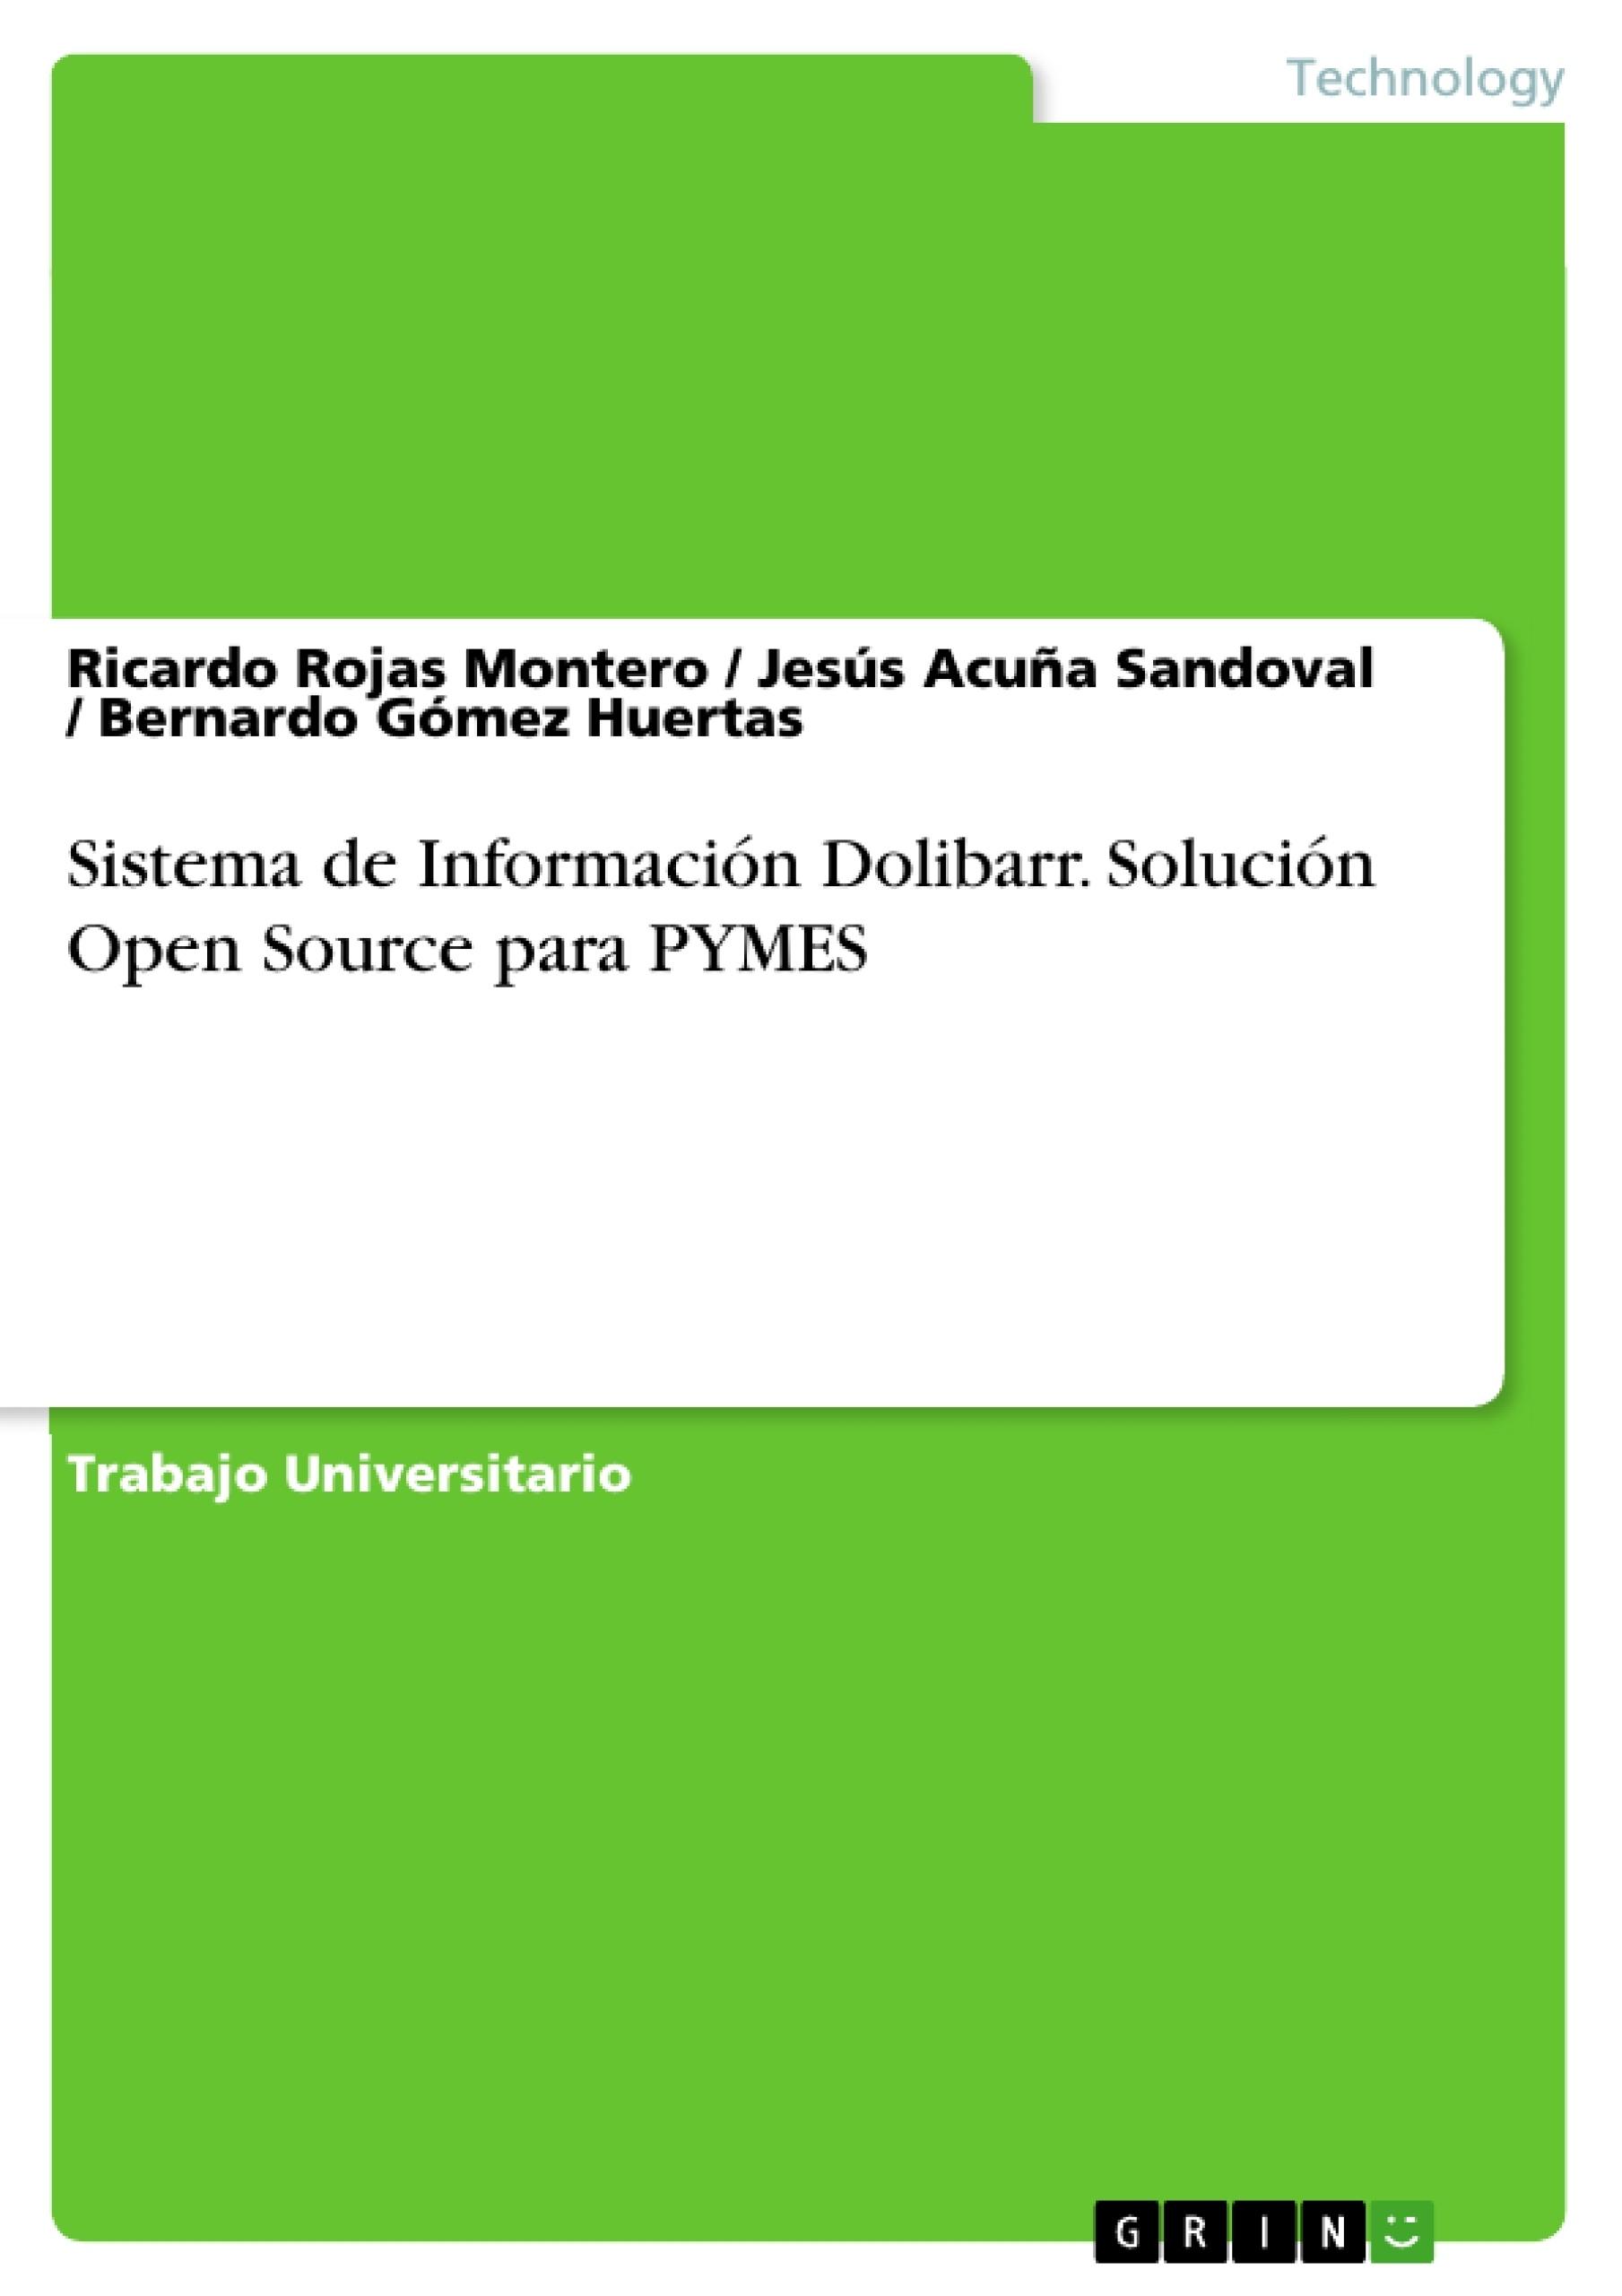 Título: Sistema de Información Dolibarr. Solución Open Source para PYMES